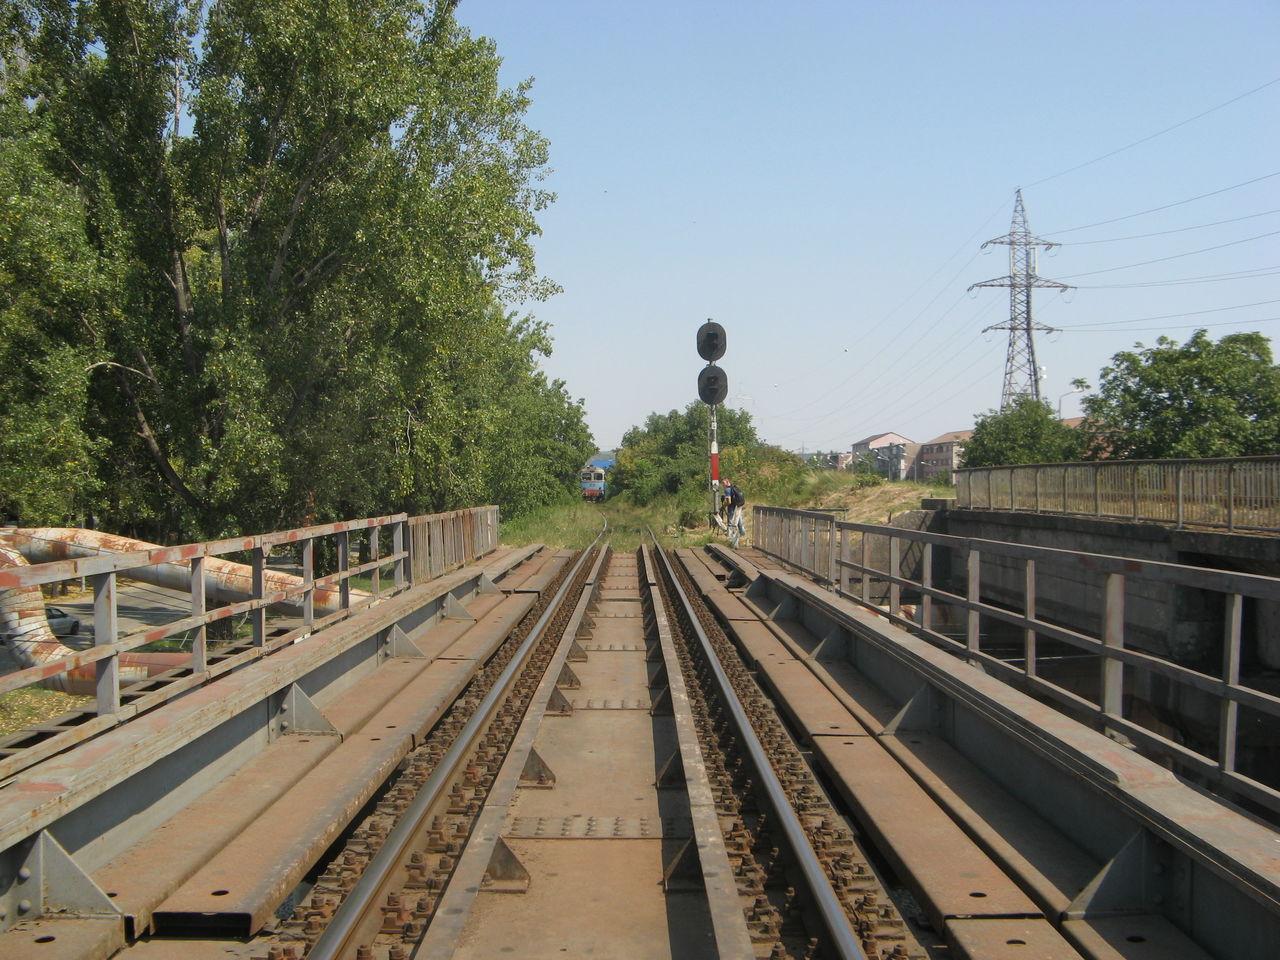 Calea ferată directă Oradea Vest - Episcopia Bihor IMG_0022